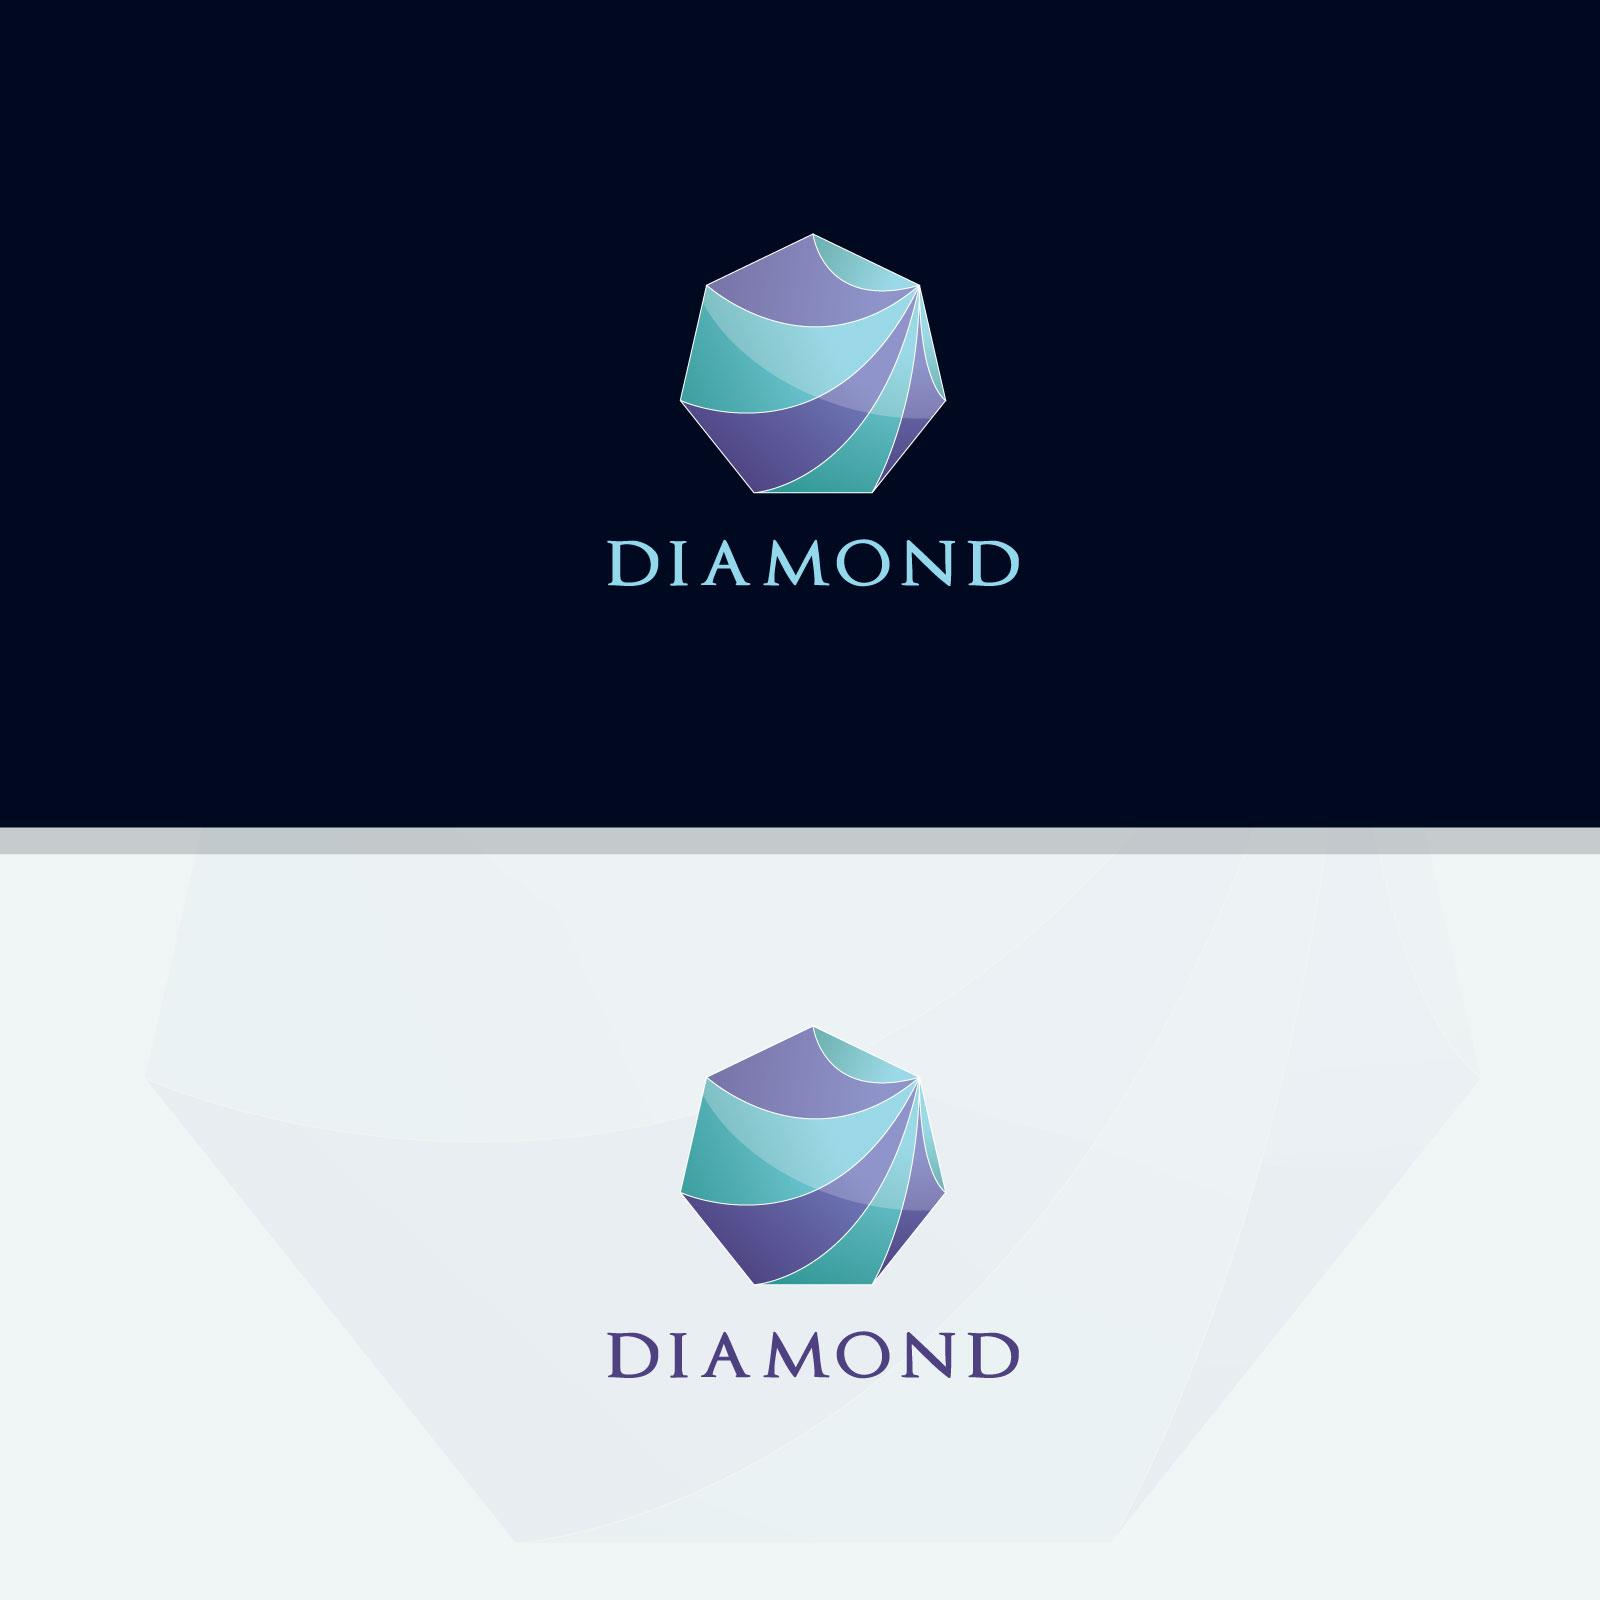 Diamond vector logos collection example image 5